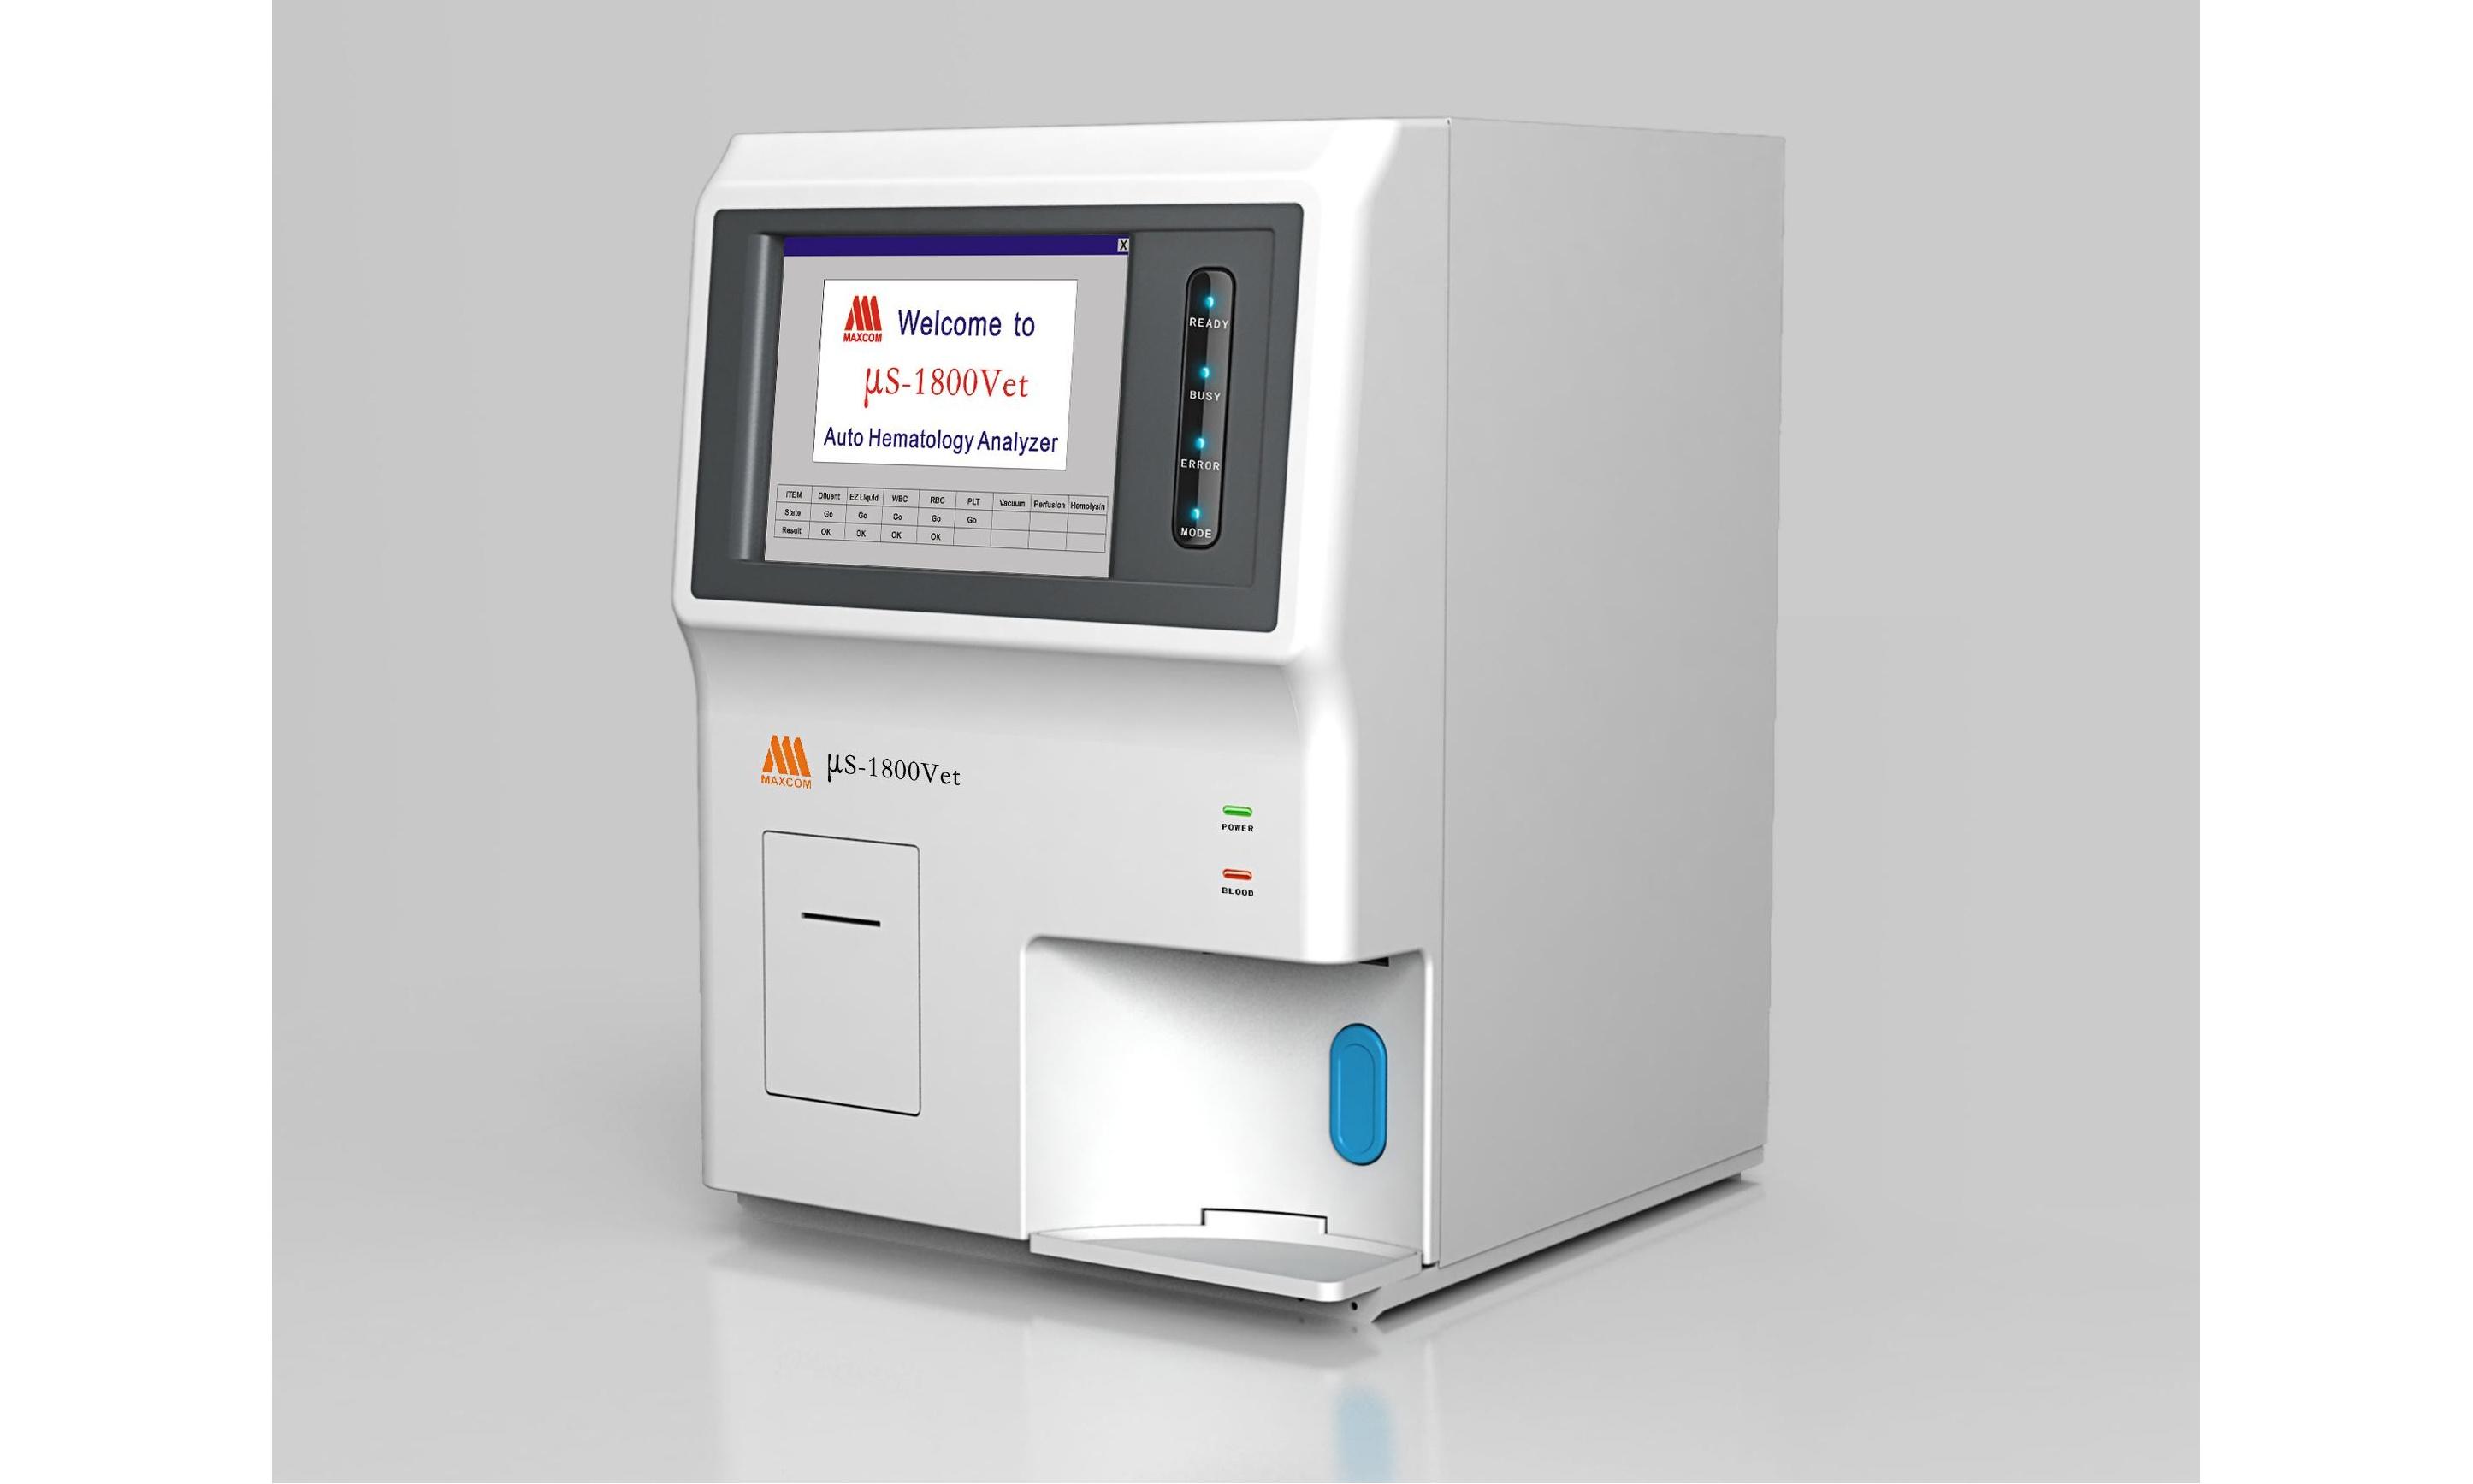 宁夏第四人民医院血液体液分析仪等仪器设备招标公告